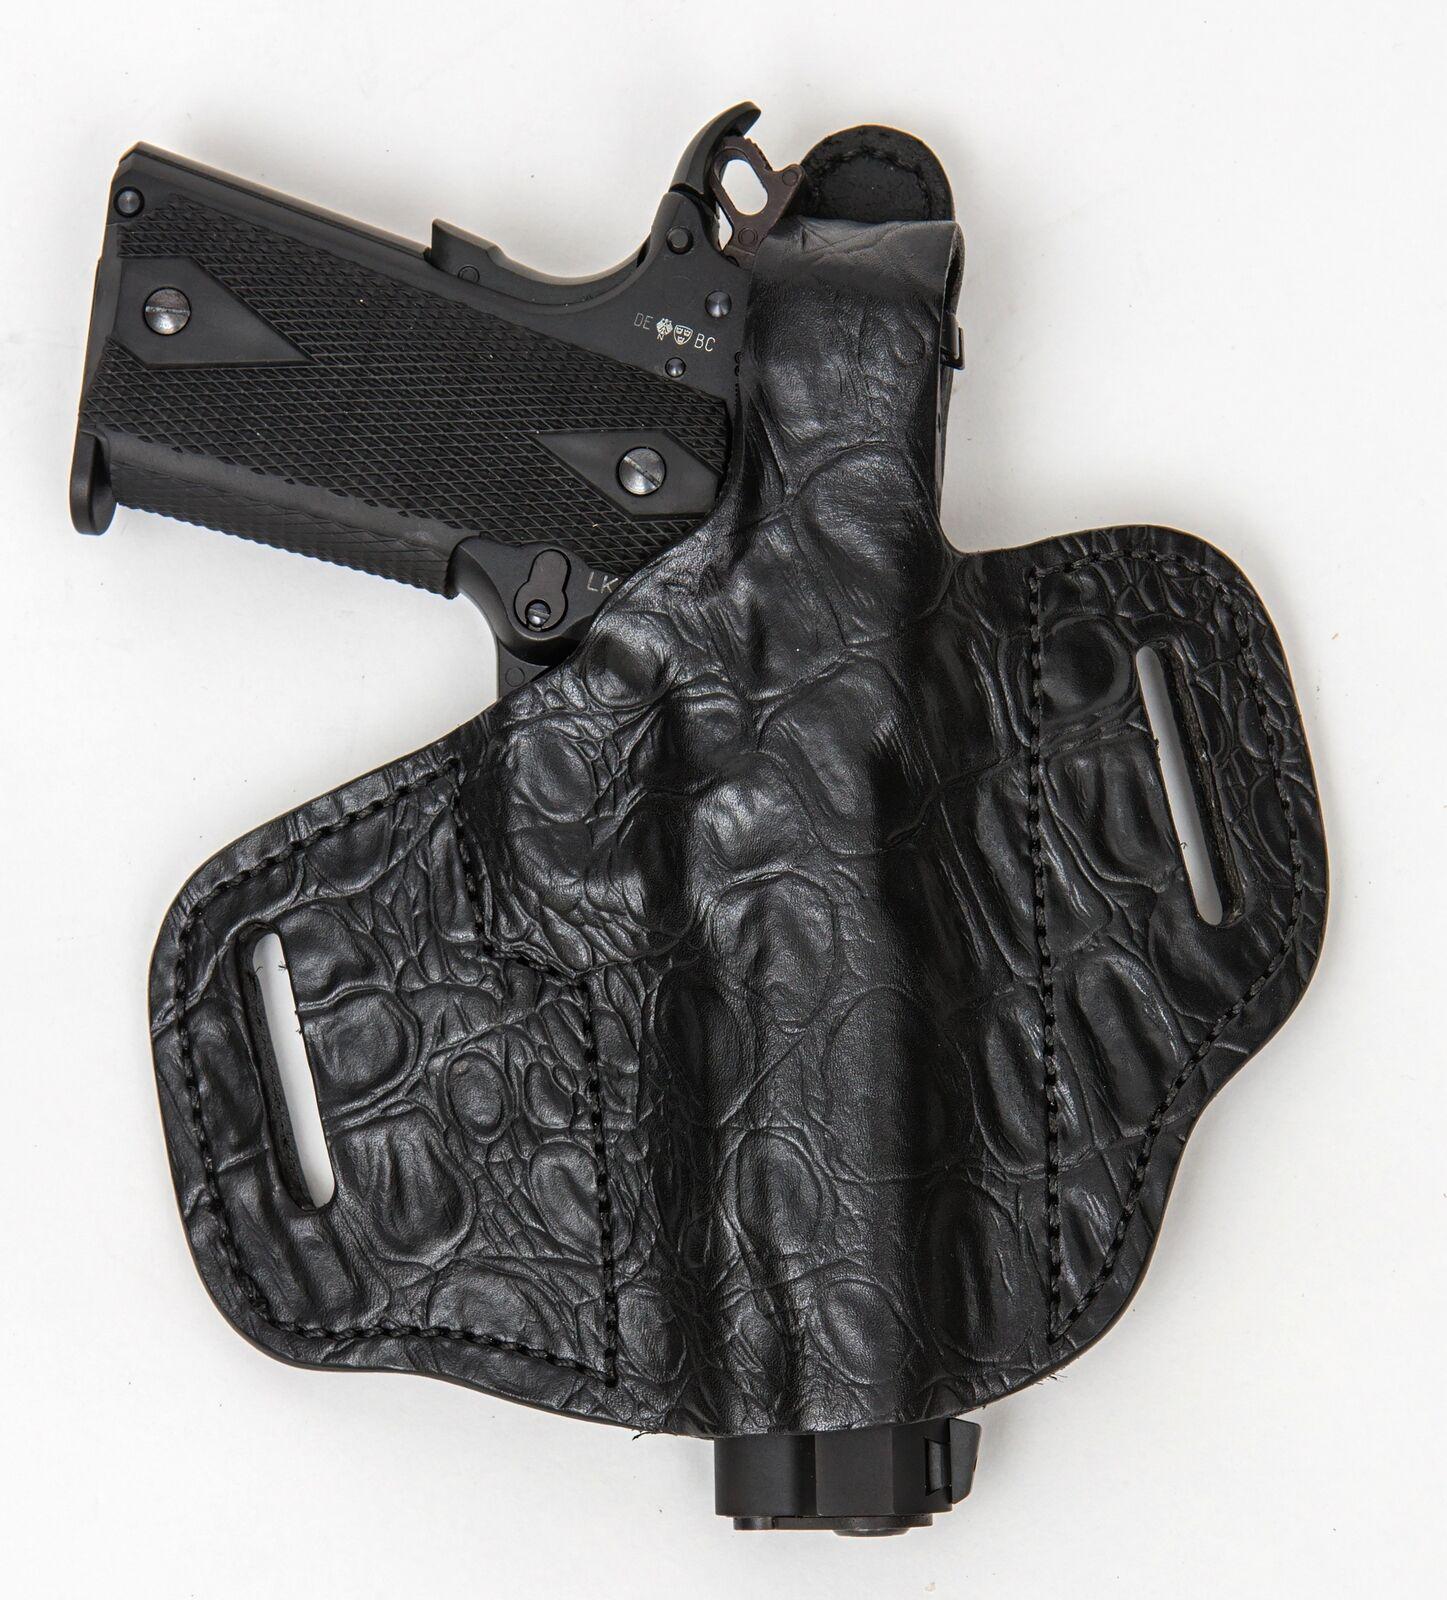 En servicio ocultar RH LH owb Cuero Funda Pistola para Kimber 1911 3.5